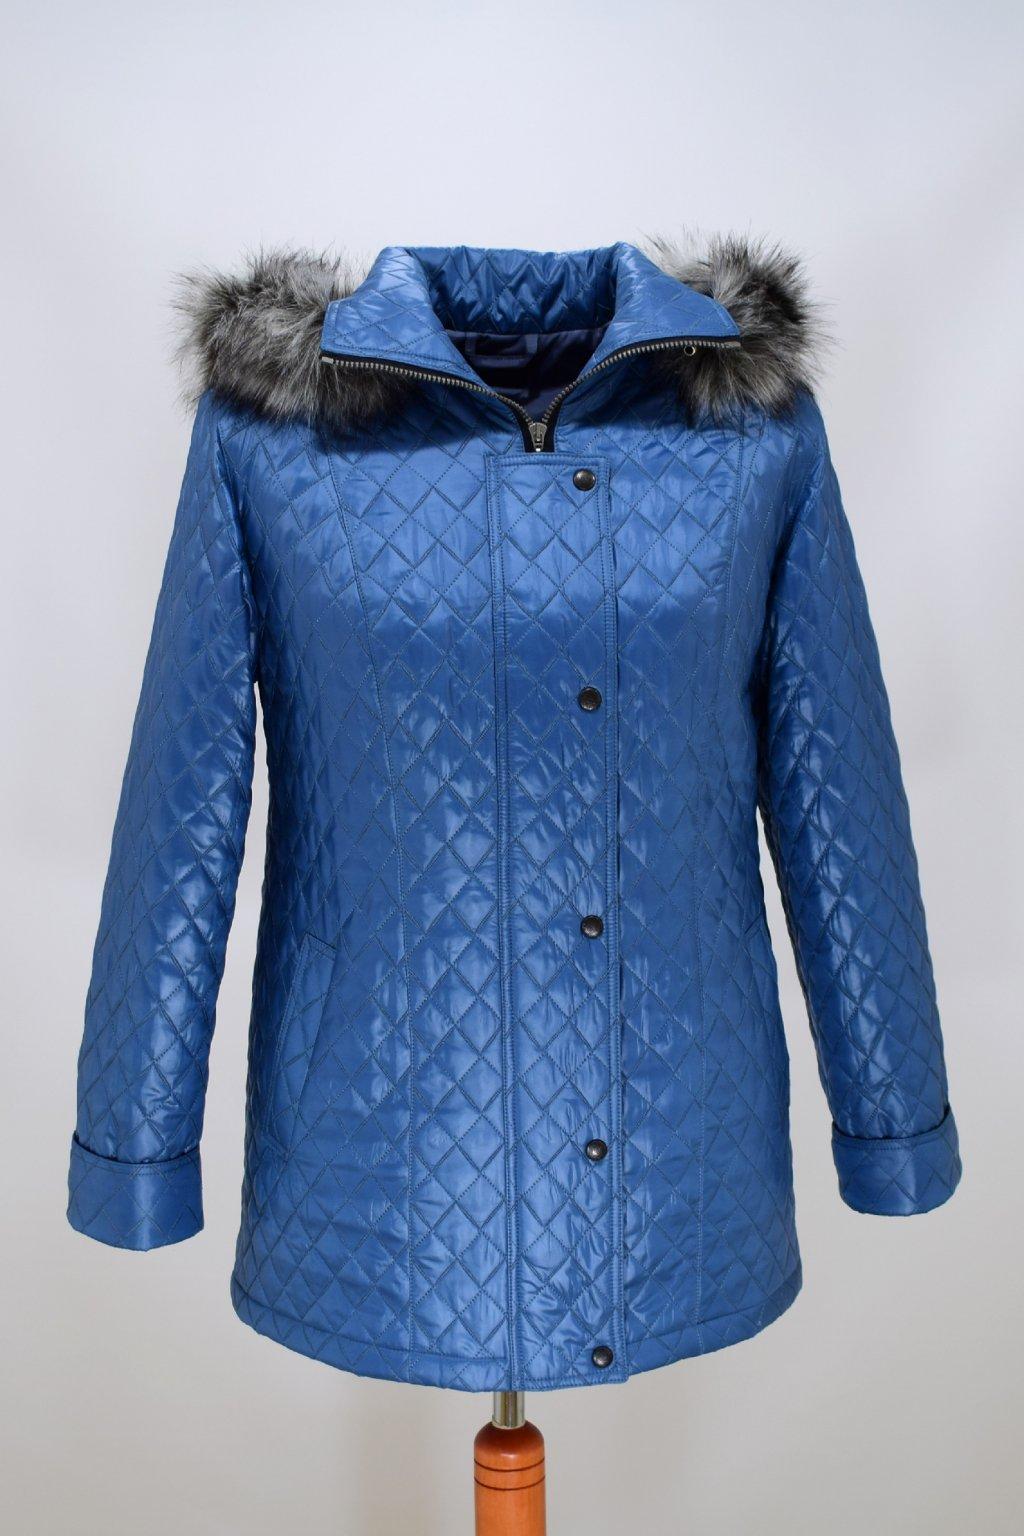 Dámská světle modrá zimní bunda Krista nadměrné velikosti.